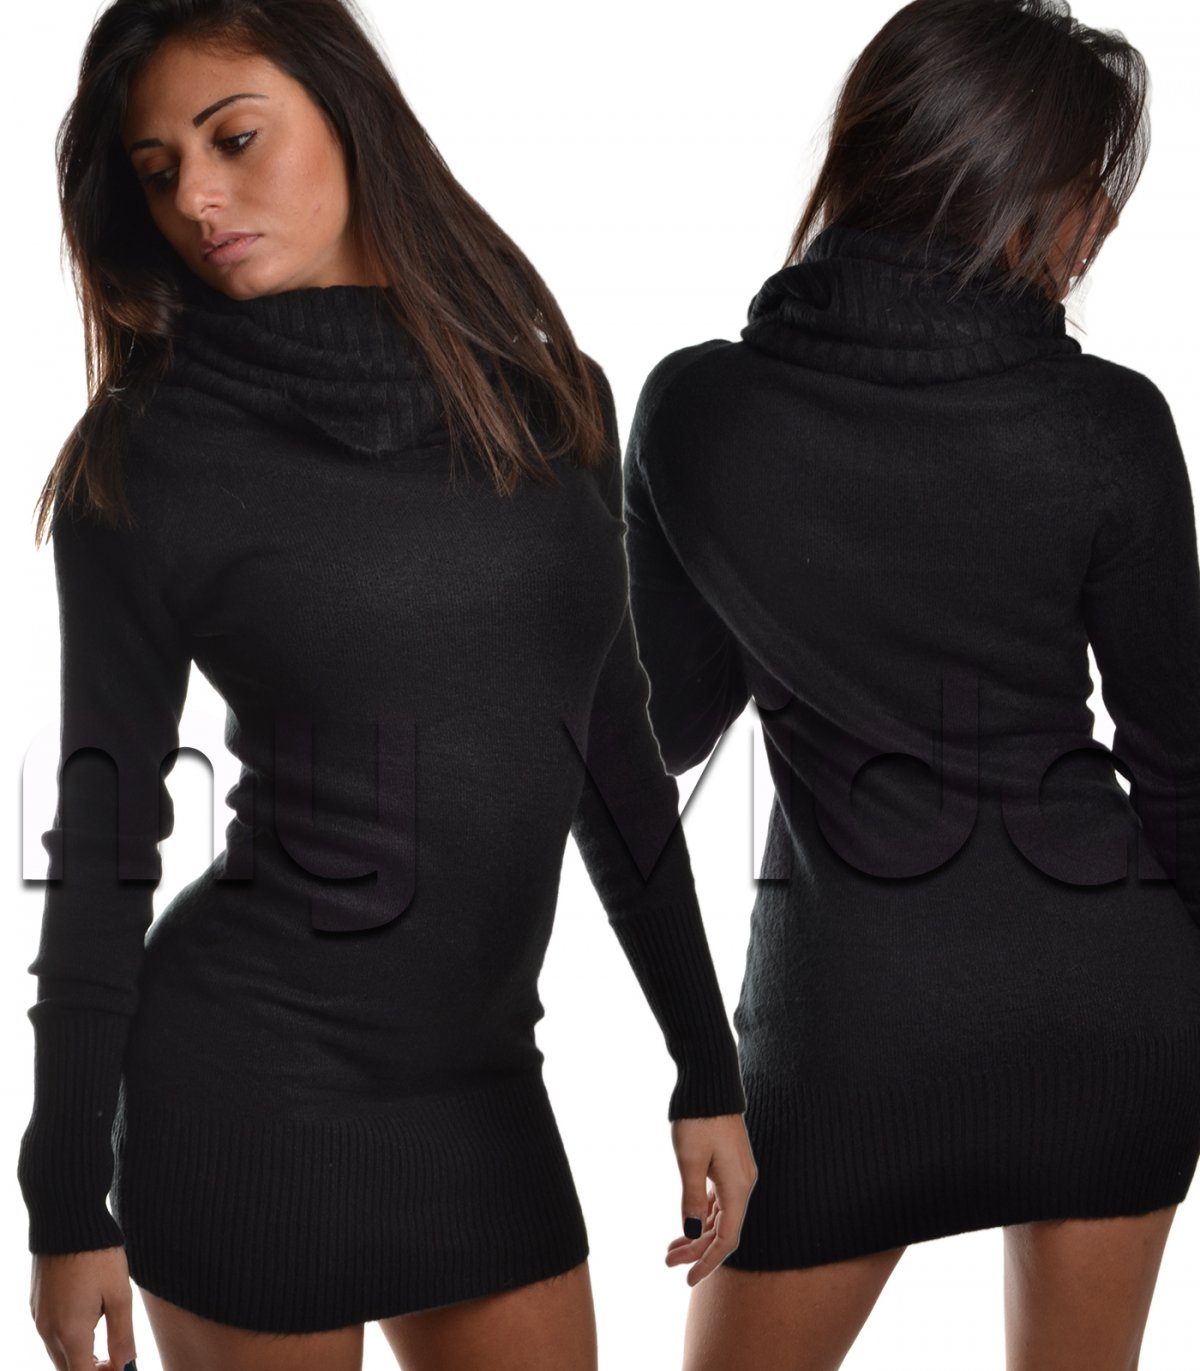 best service a1e61 89209 Collezione Pullover donna vestito collo alto lana | My Vida